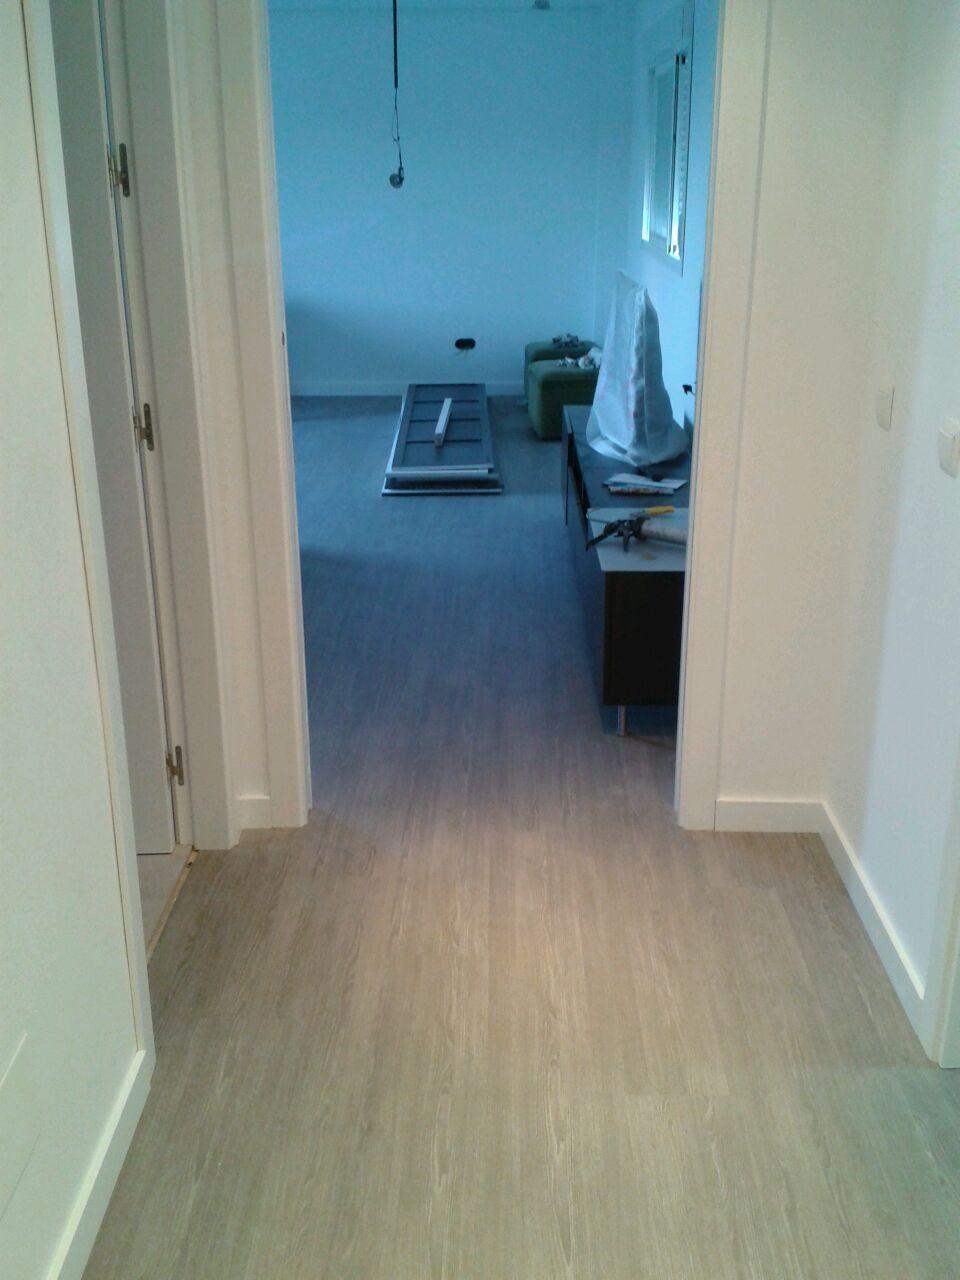 Captura fotográfica de la tarima en longitud. Abarca el pasillo y salón.